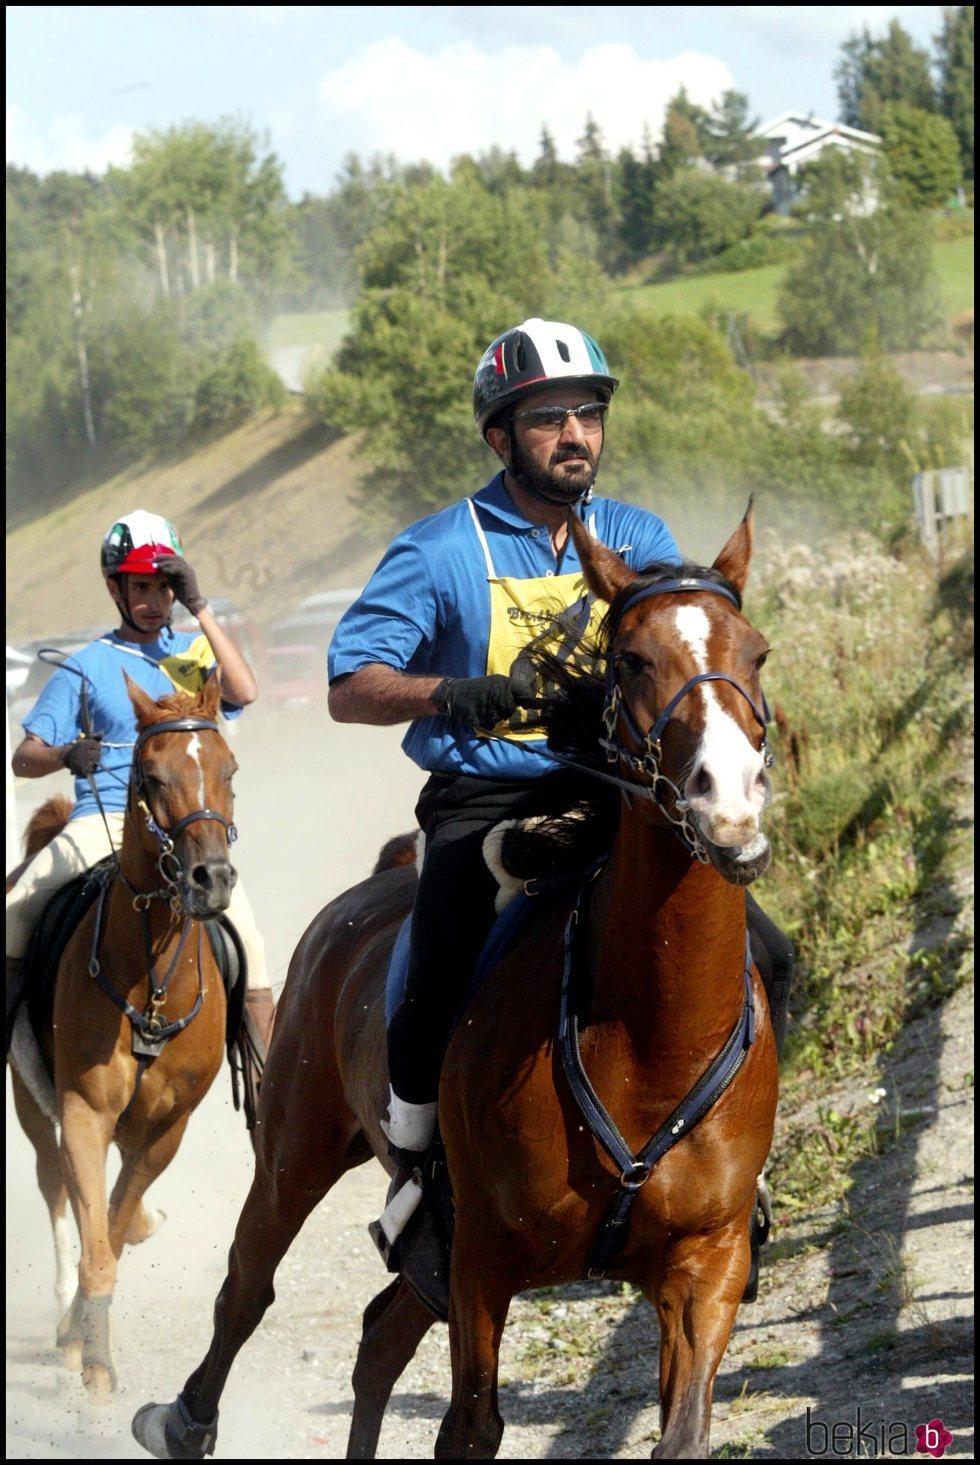 El Emir de Dubai en un campeonato de hípica